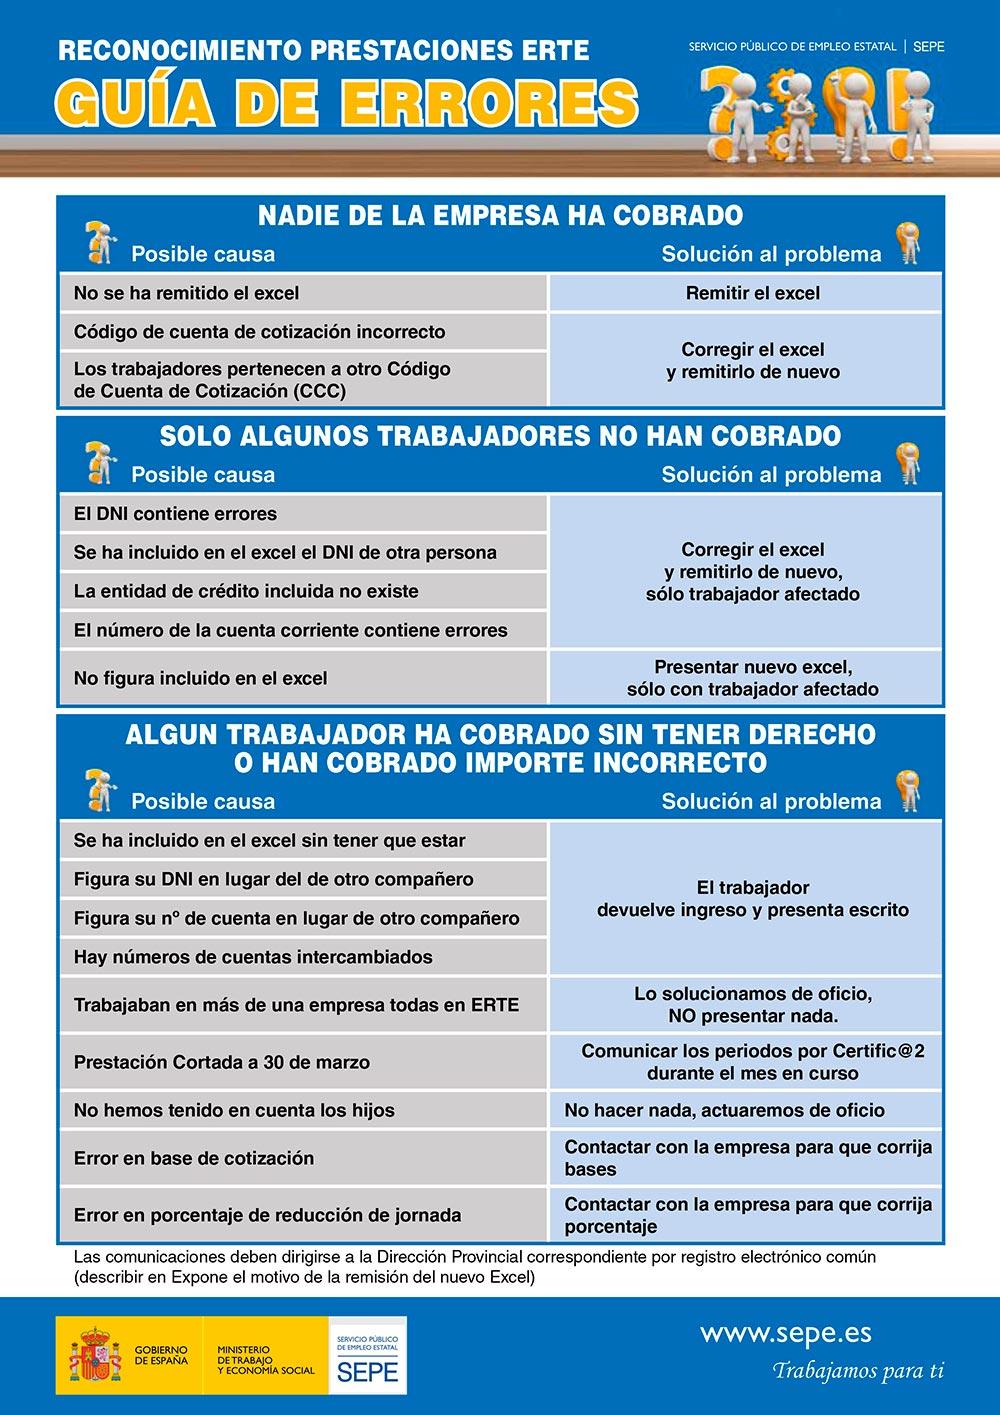 Guía del SEPE de errores más frecuentes en la tramitación de los ERTE